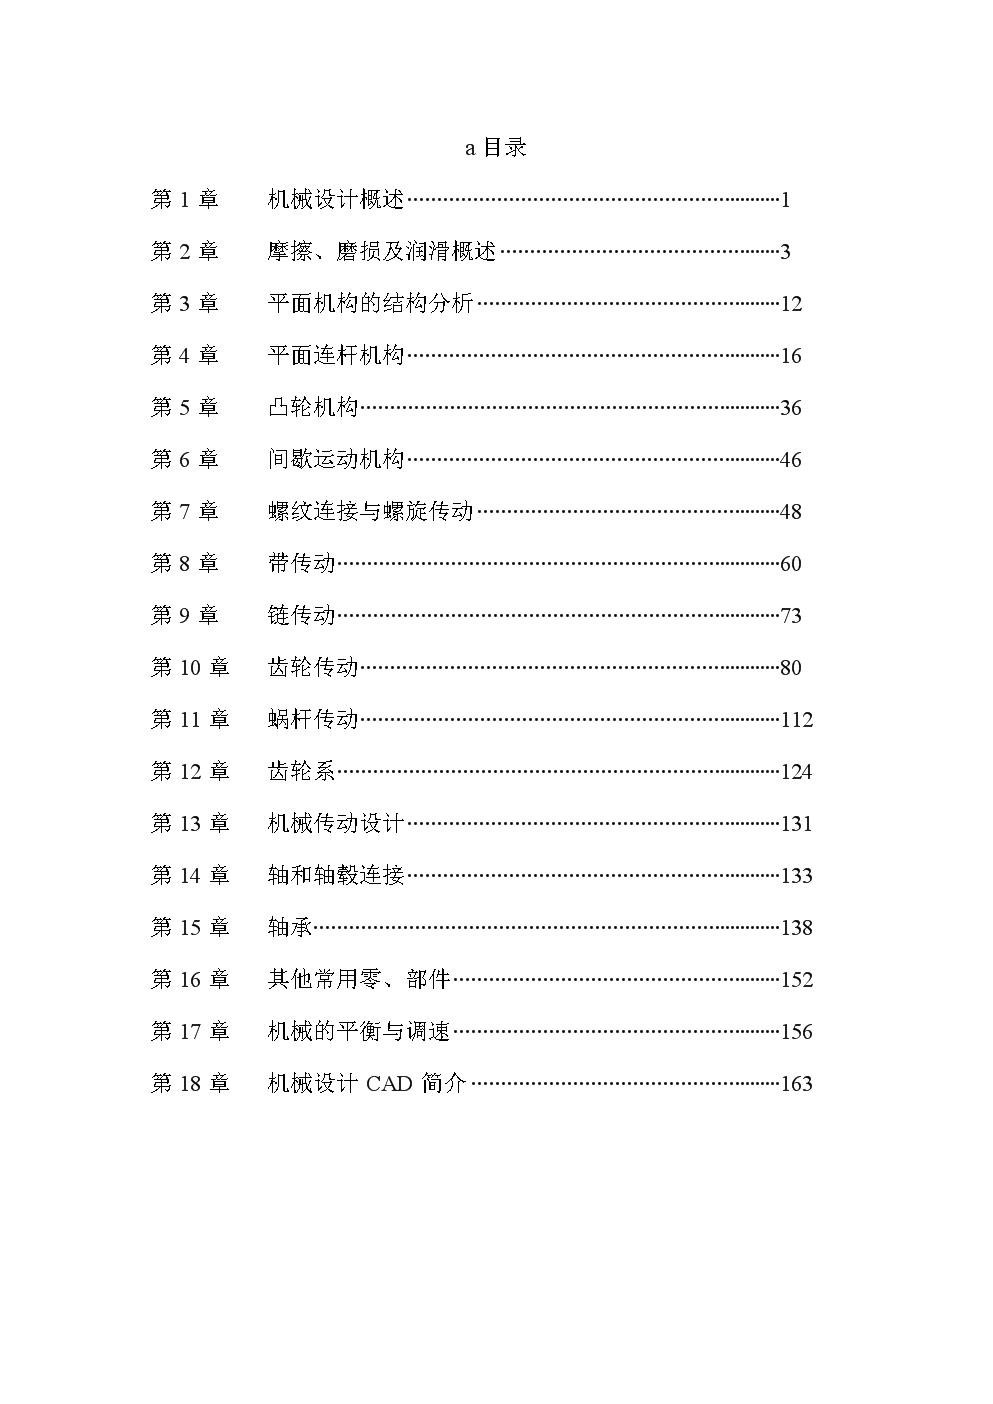 机械v机械基础(陈立德第三版)课后户型(章全)详答案设计图平面图psd图片